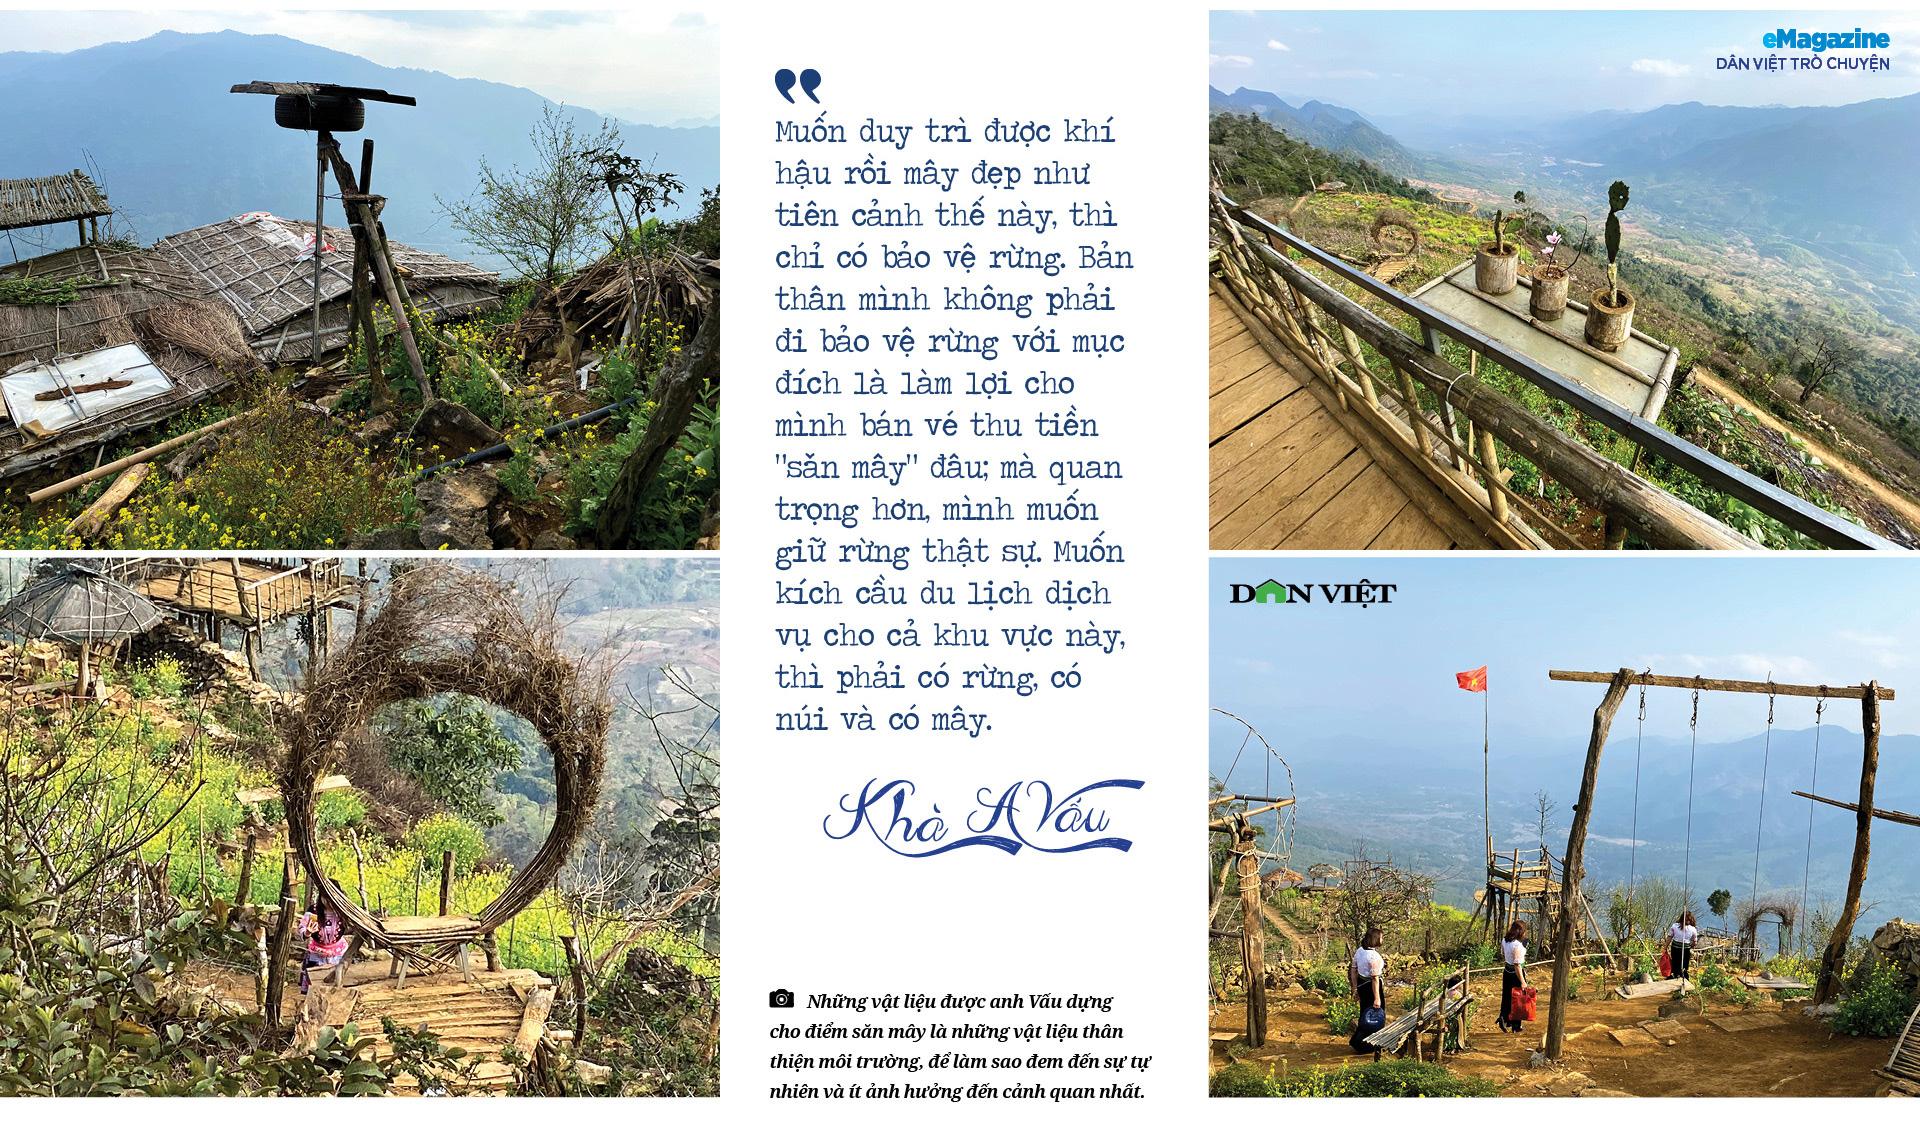 """Dân Việt trò chuyện:Khà A Vấu - vinh danh """"Thiên đường mây"""" trên """"Miền đất lửa"""" - Ảnh 13."""